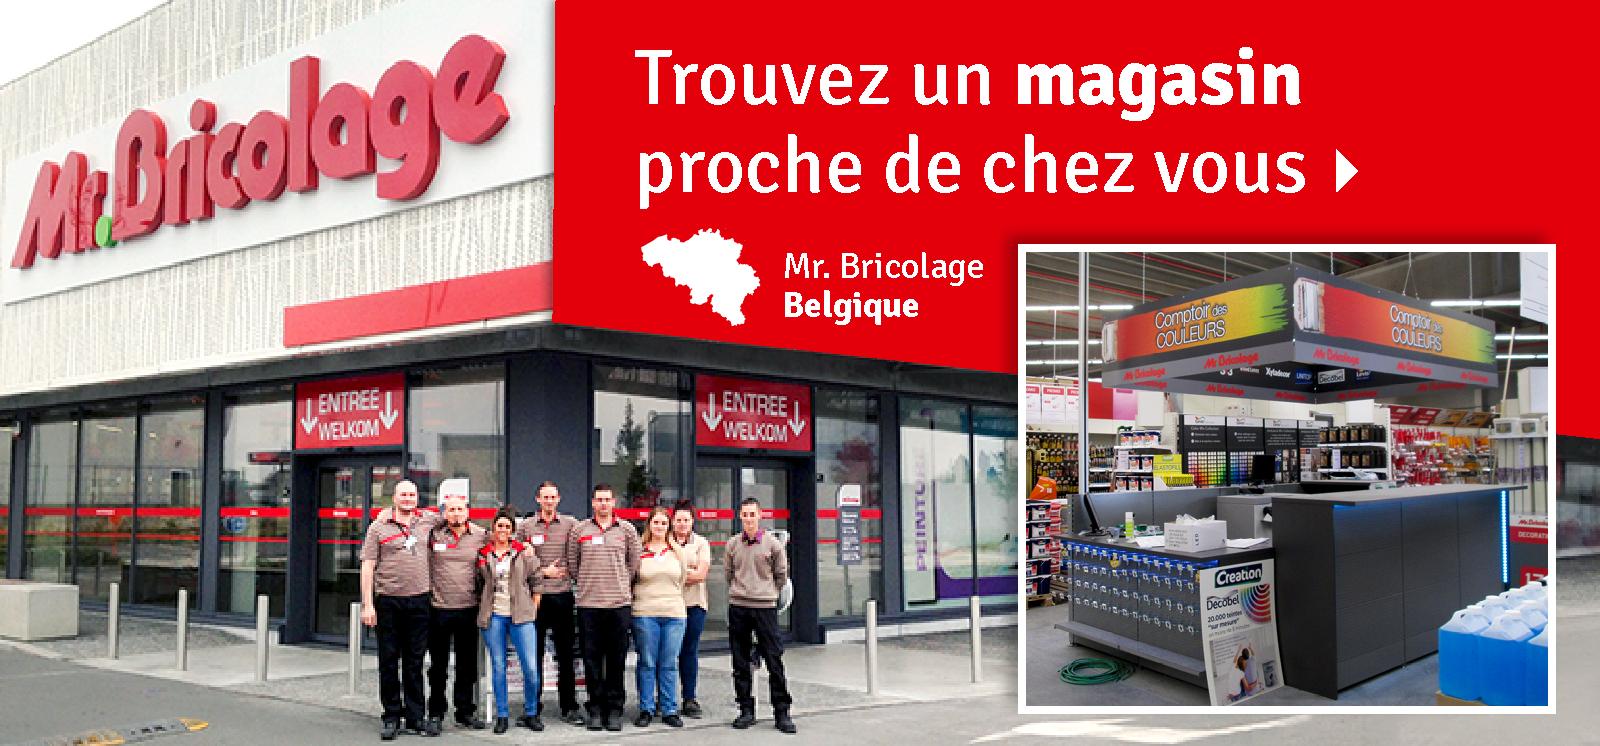 Mr.bricolage Belgique   Magasins Et E-Shop dedans Mr Bricolage Belgique